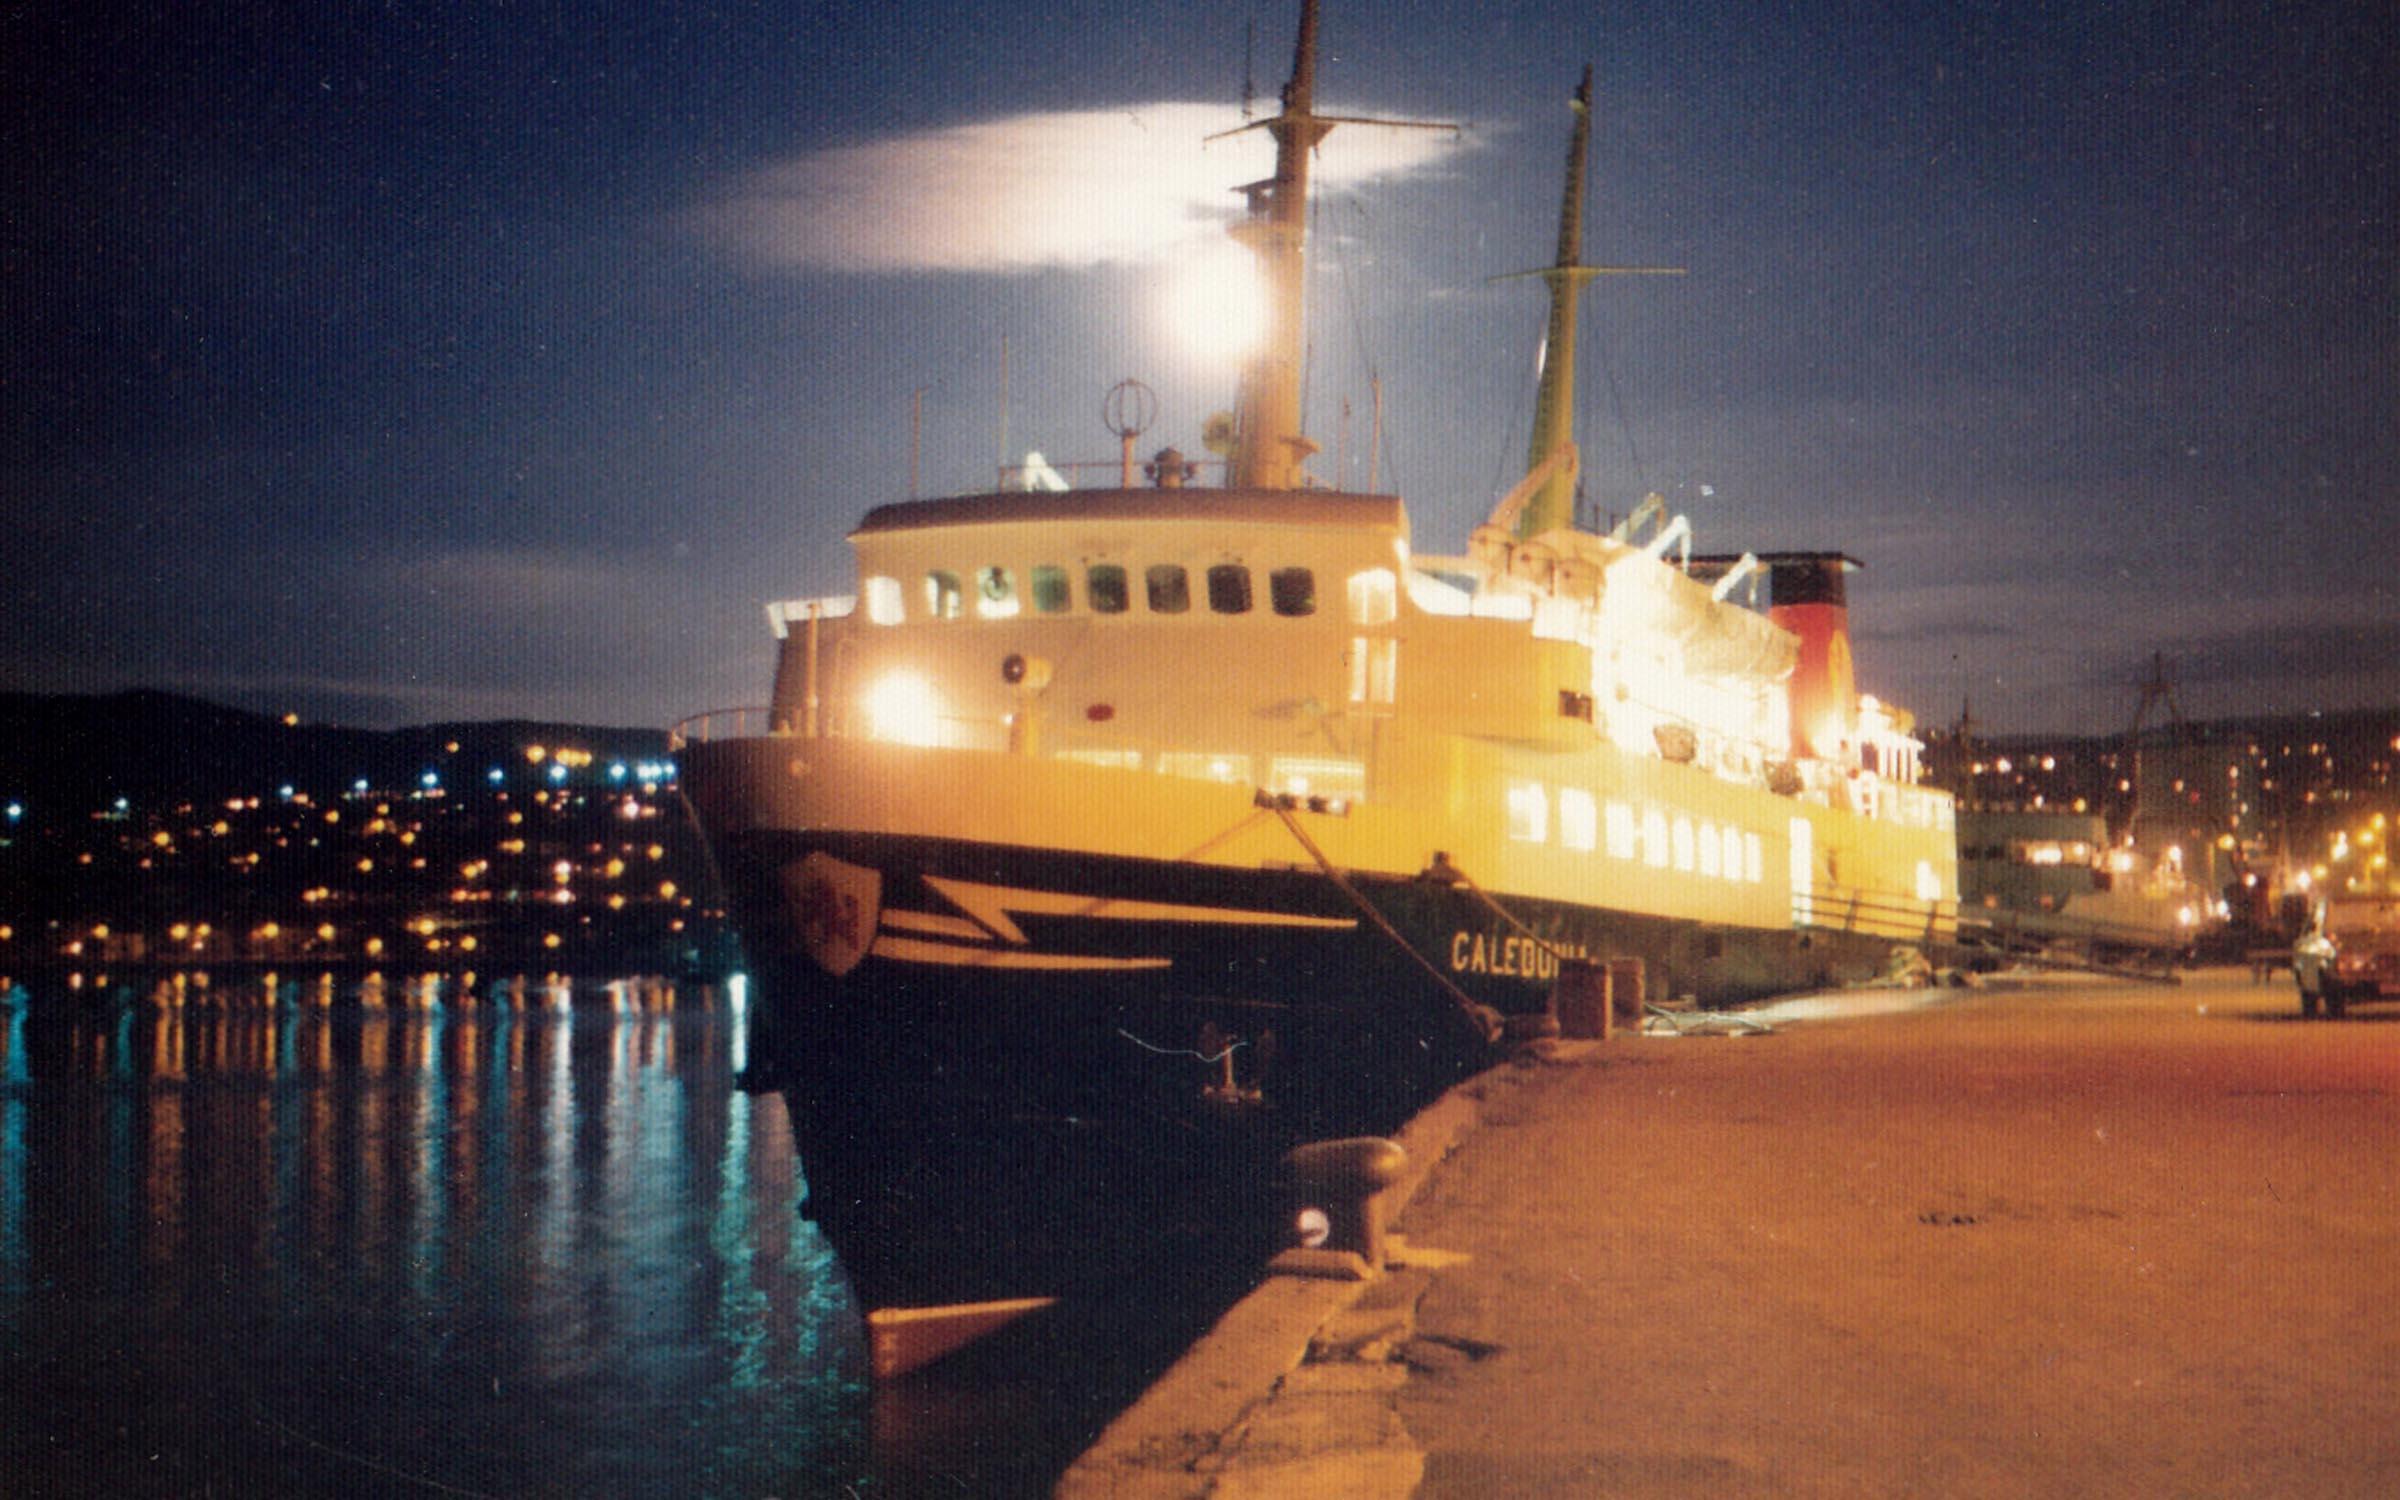 Caledonia at Gourock (Jim Aikman Smith)